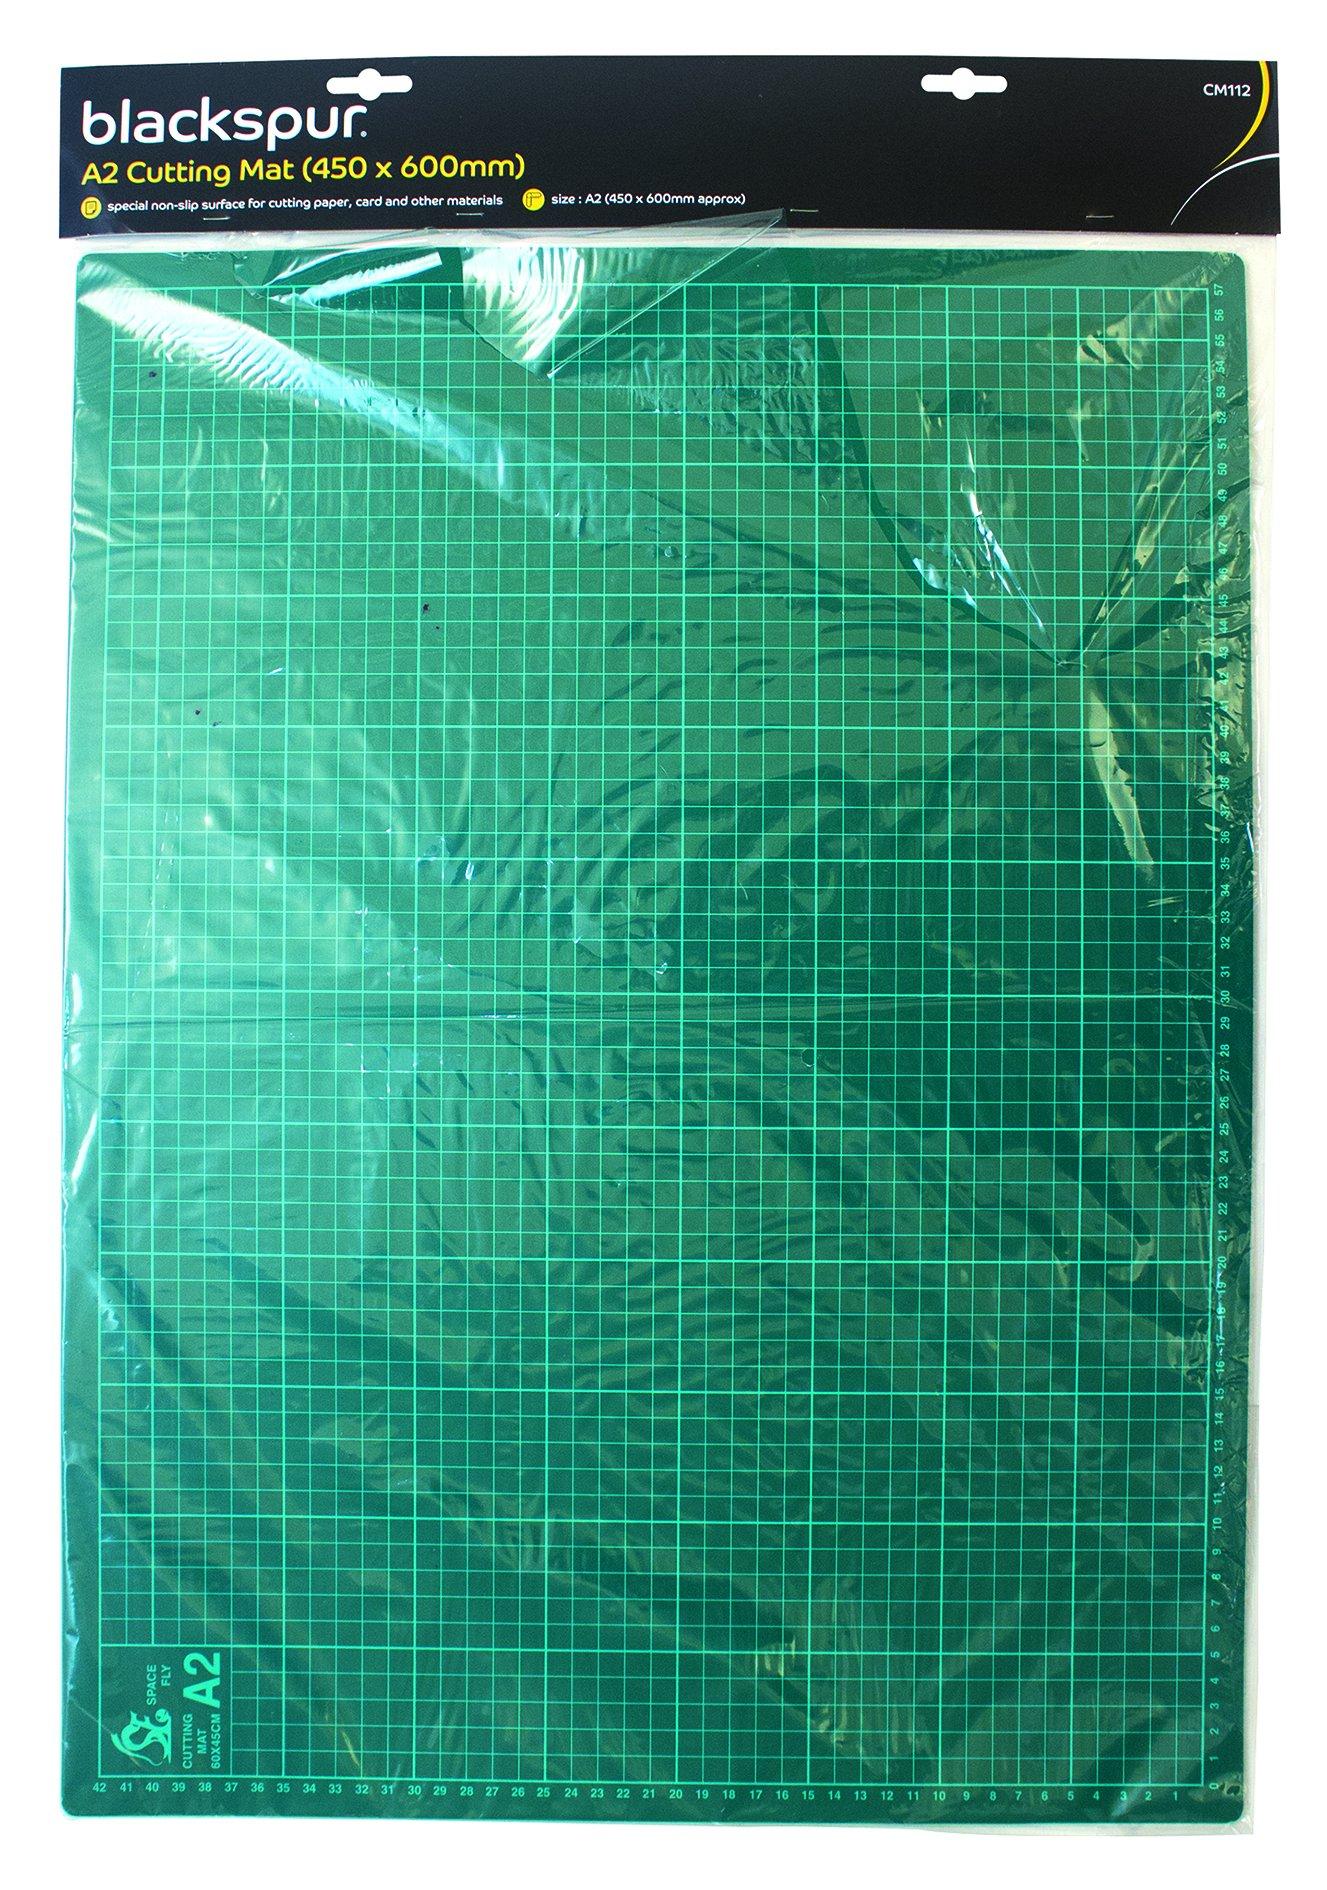 Blackspur BB-CM112 A2 Cutting Mat Paper Trimmers & Cutting Mats ...